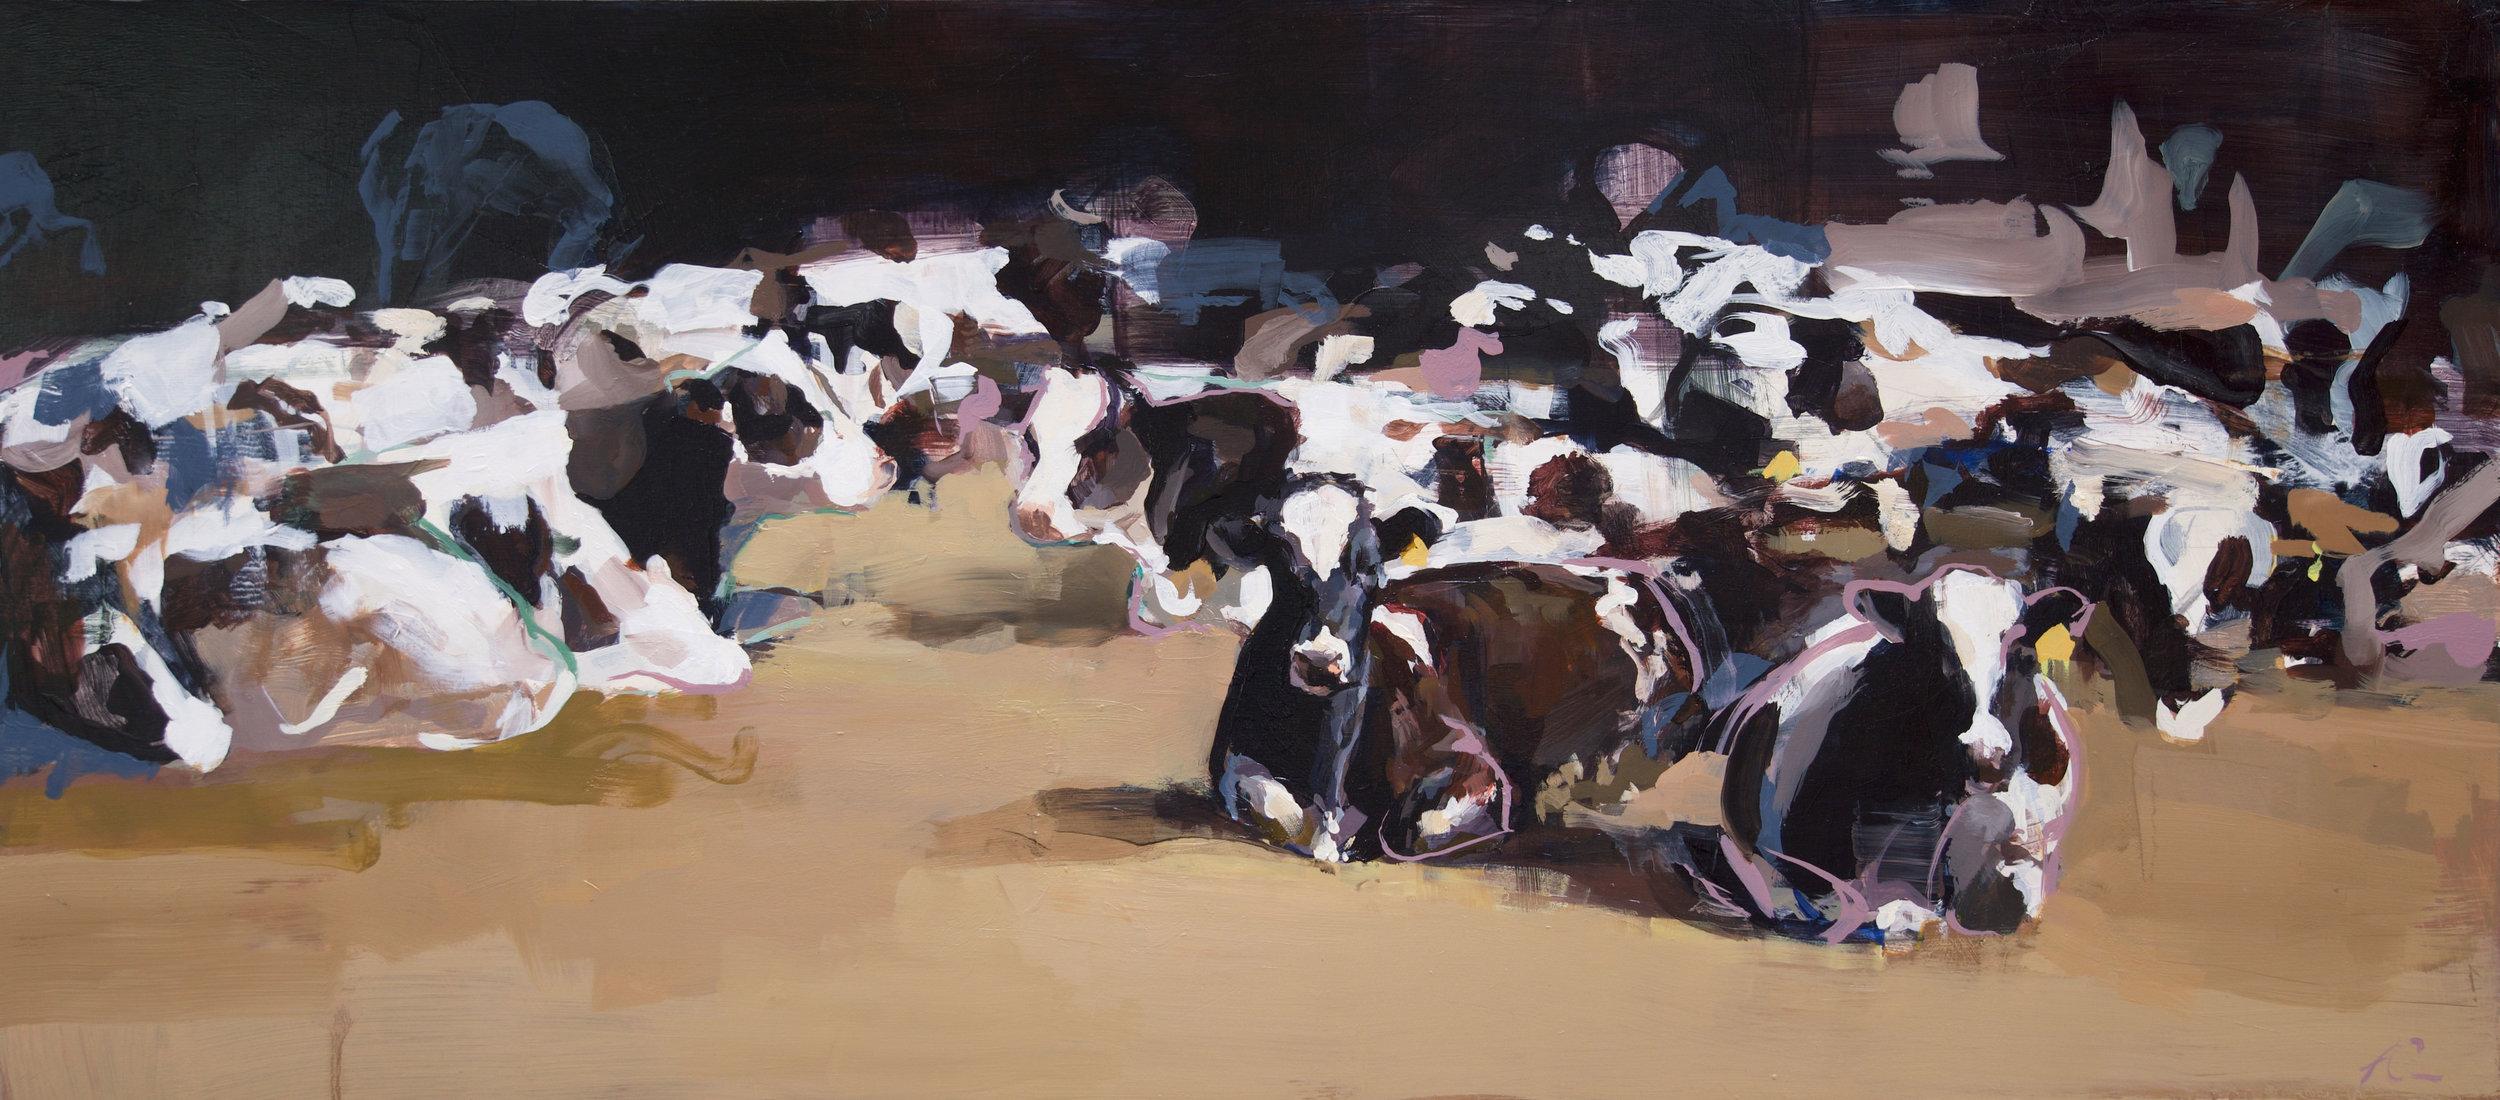 mark-crenshaw-18025-root-5-dairy.jpg